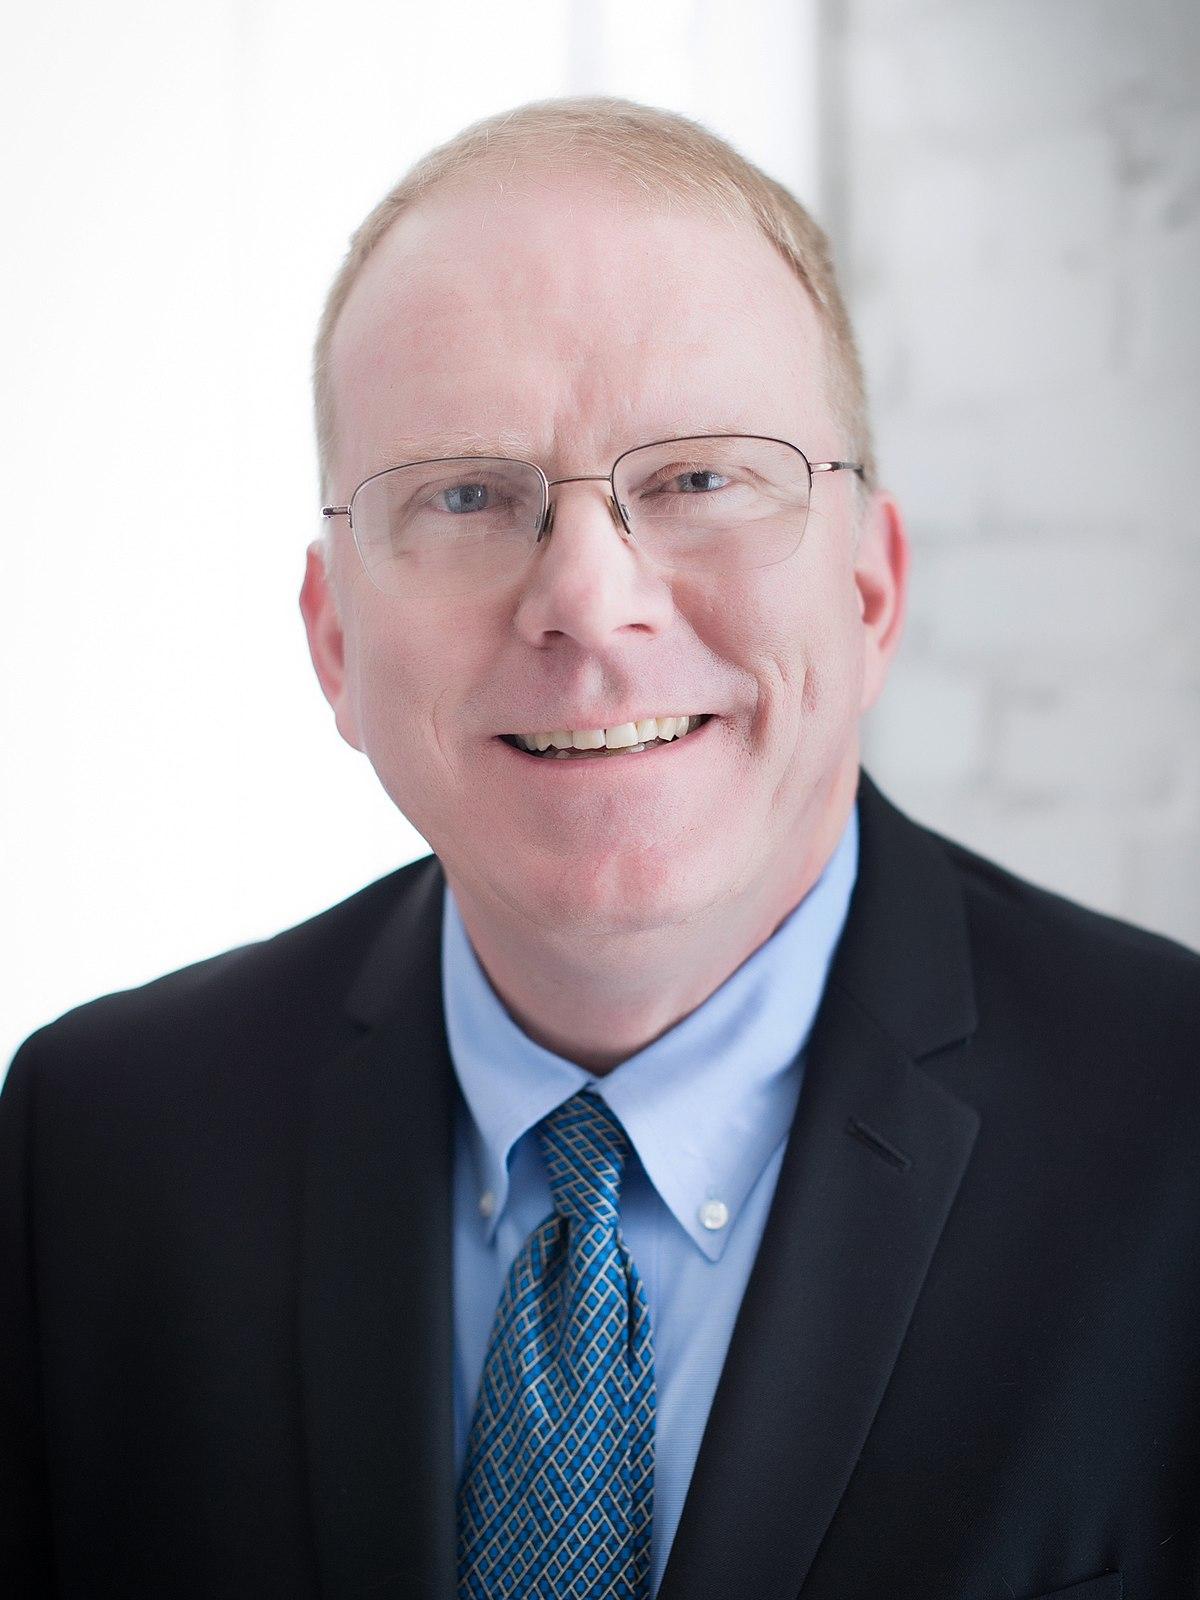 Jeffrey Beall - Wikipedia